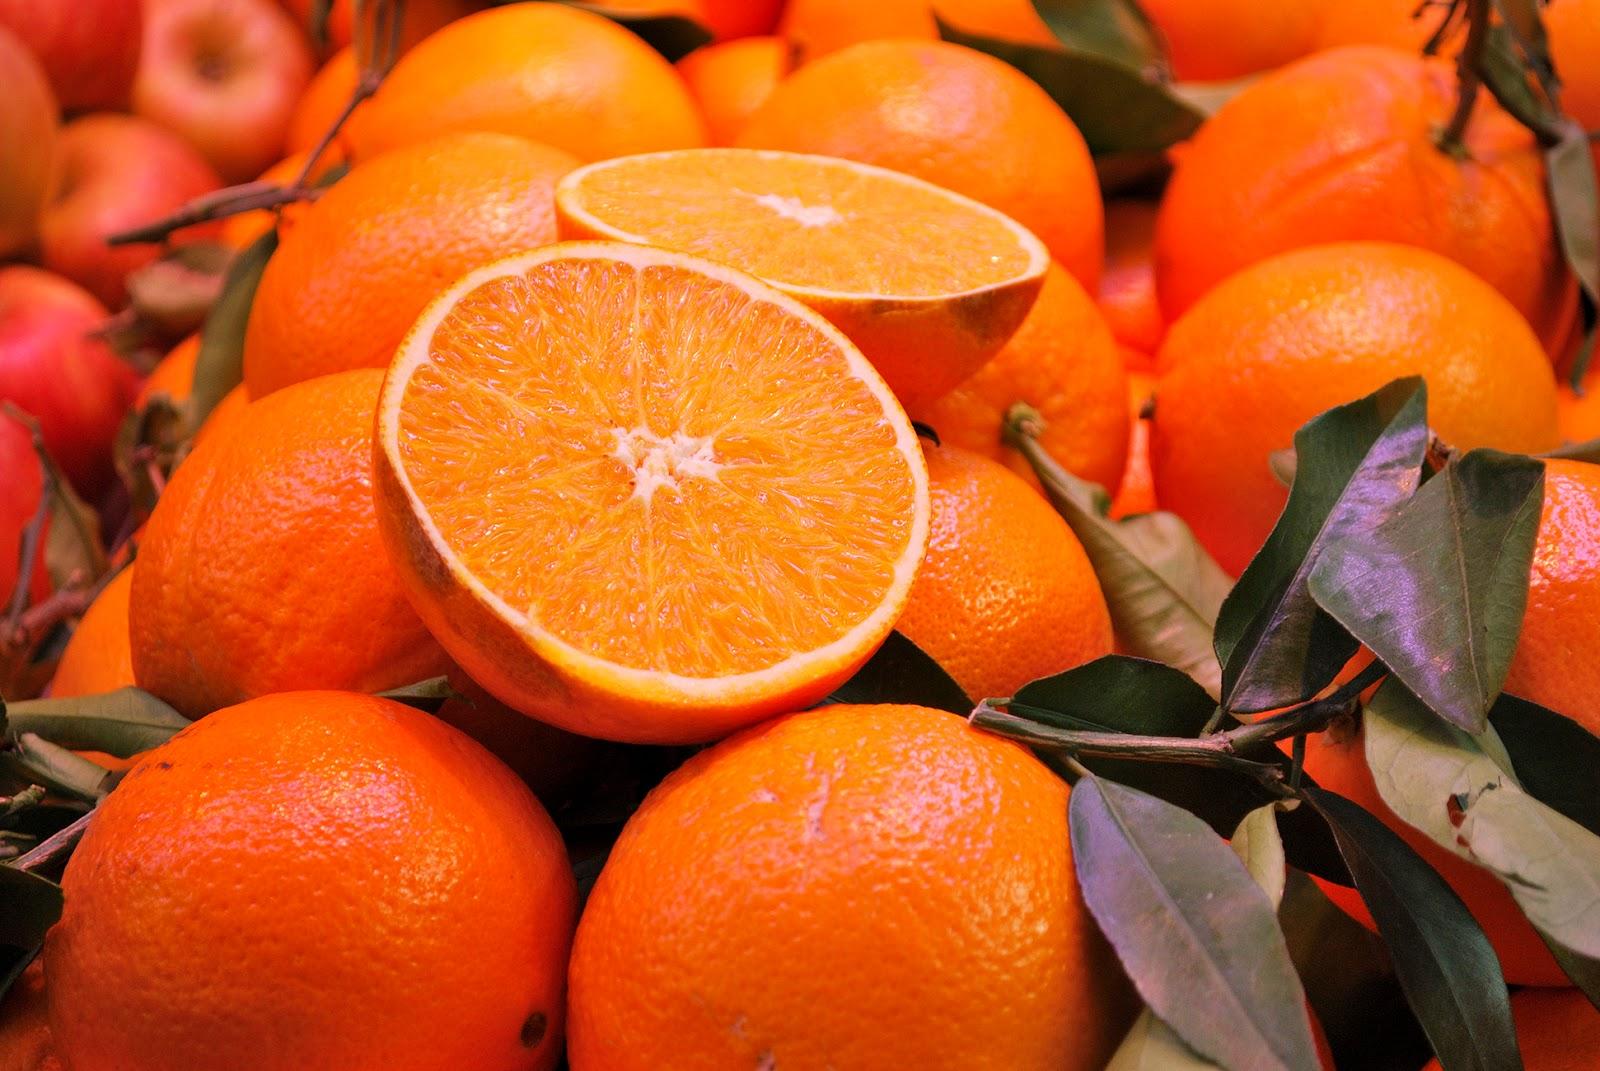 mercado central market valencia naranjas oranges